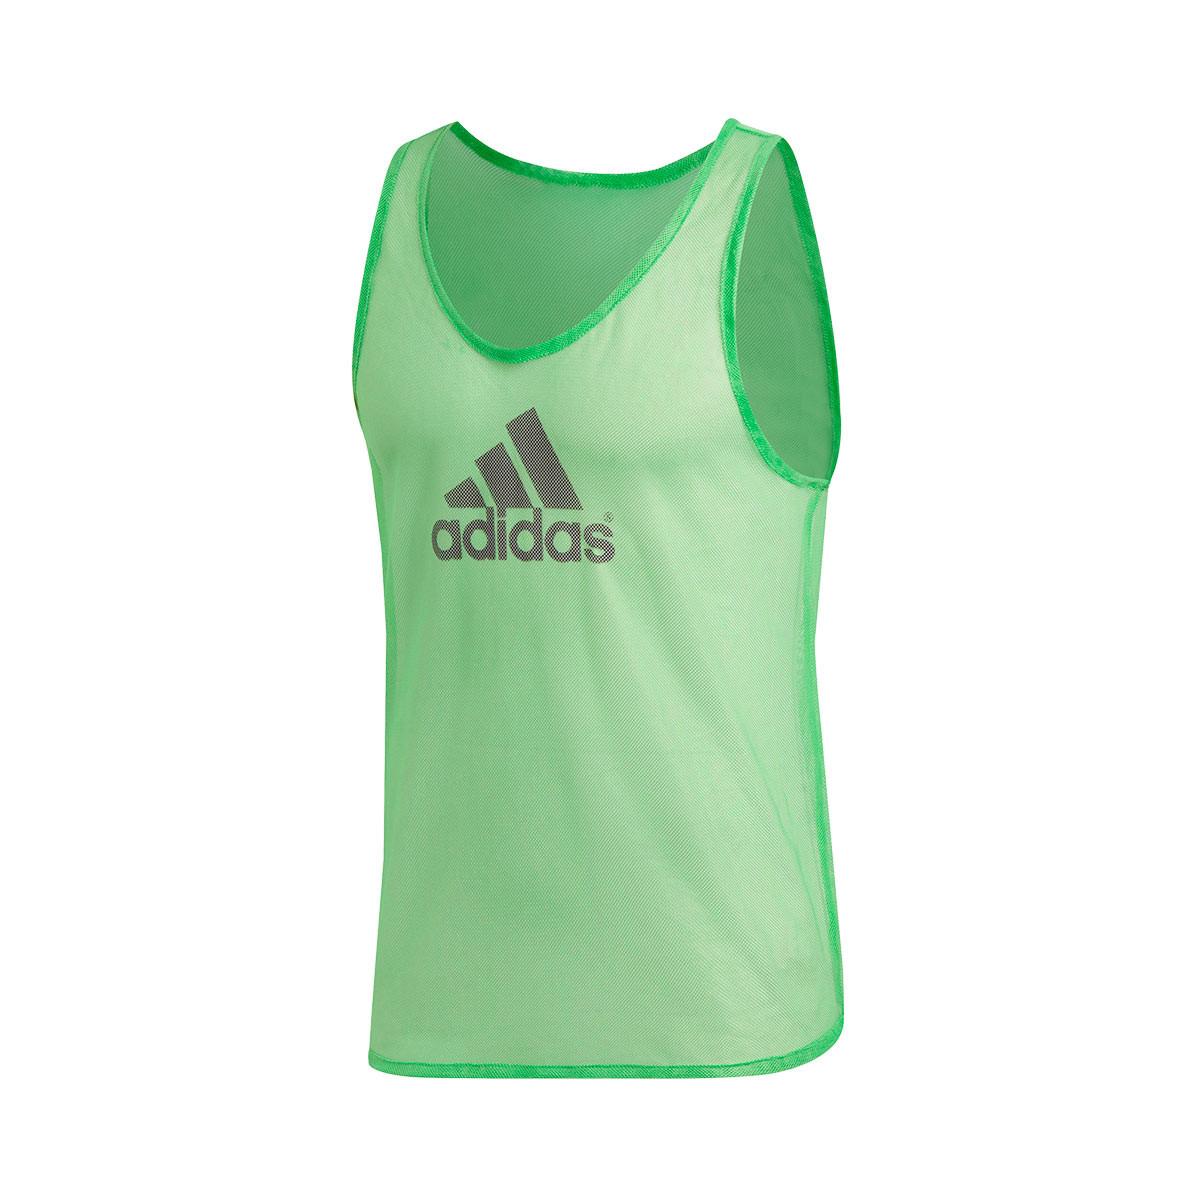 9754feb5f Peto adidas Training Bib 14 Verde - Tienda de fútbol Fútbol Emotion